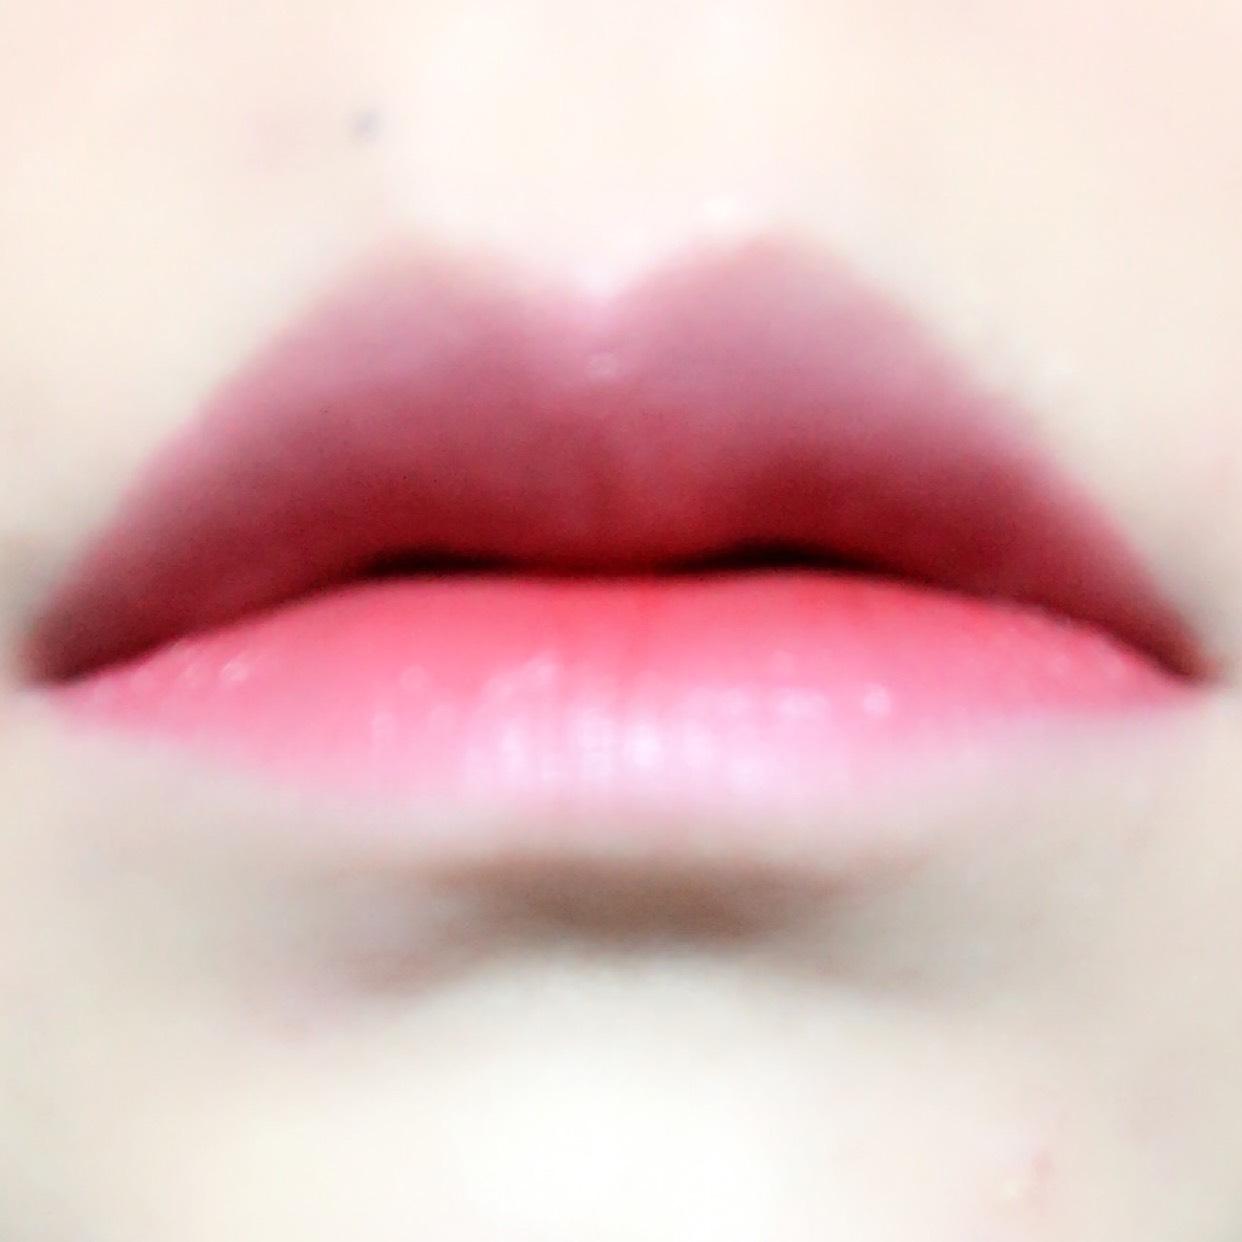 ピンクを塗り、唇の境い目を指でぼかしてから内側に赤リップを塗ります。